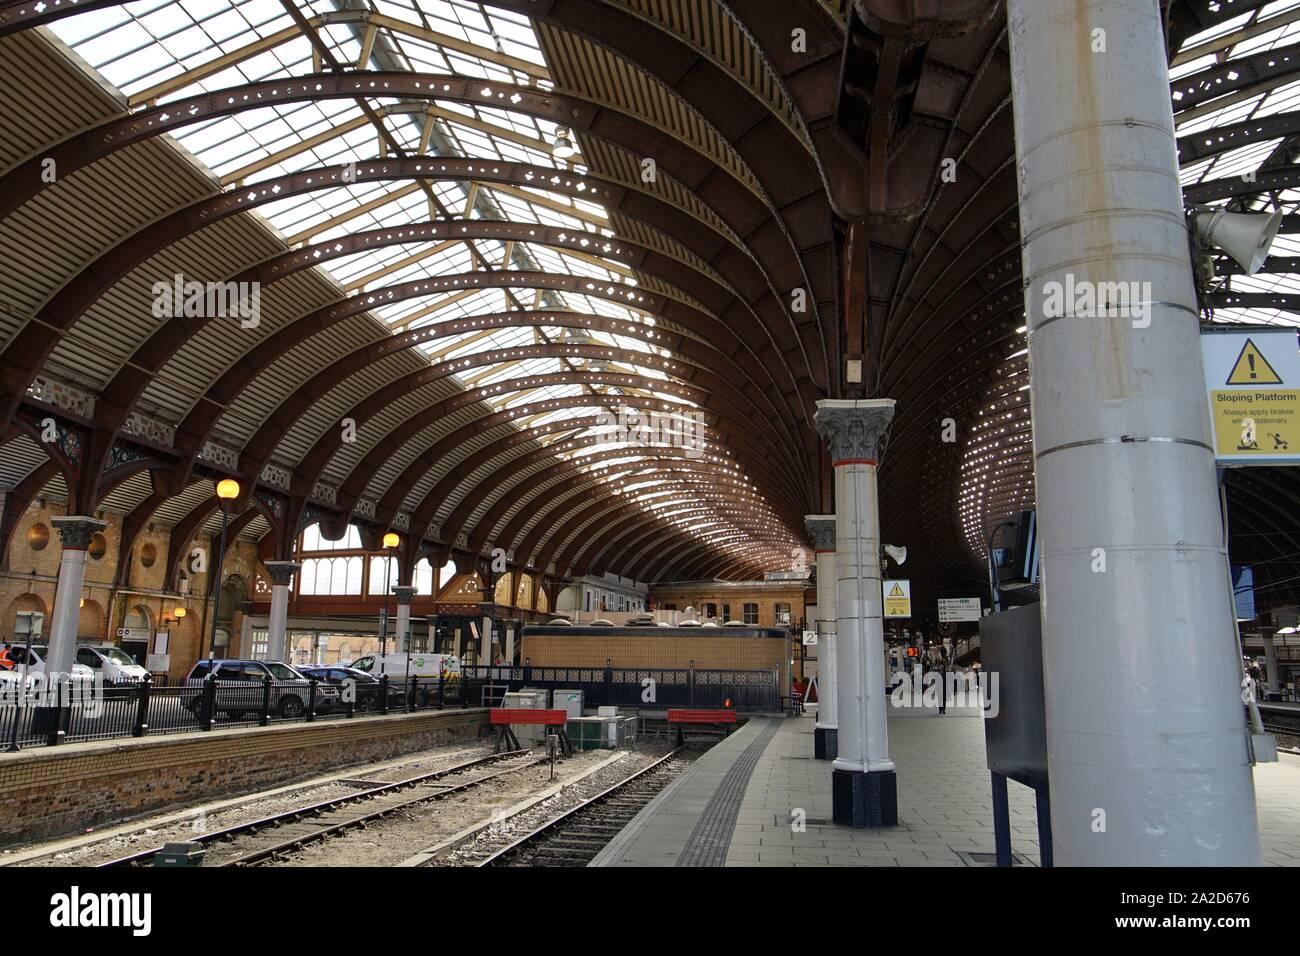 Der Bahnhof York Dach mit schmiedeeisernen Bögen und gusseisernen Säulen geschwungene rund um die Bahnsteige in York Yorkshire England Stockfoto